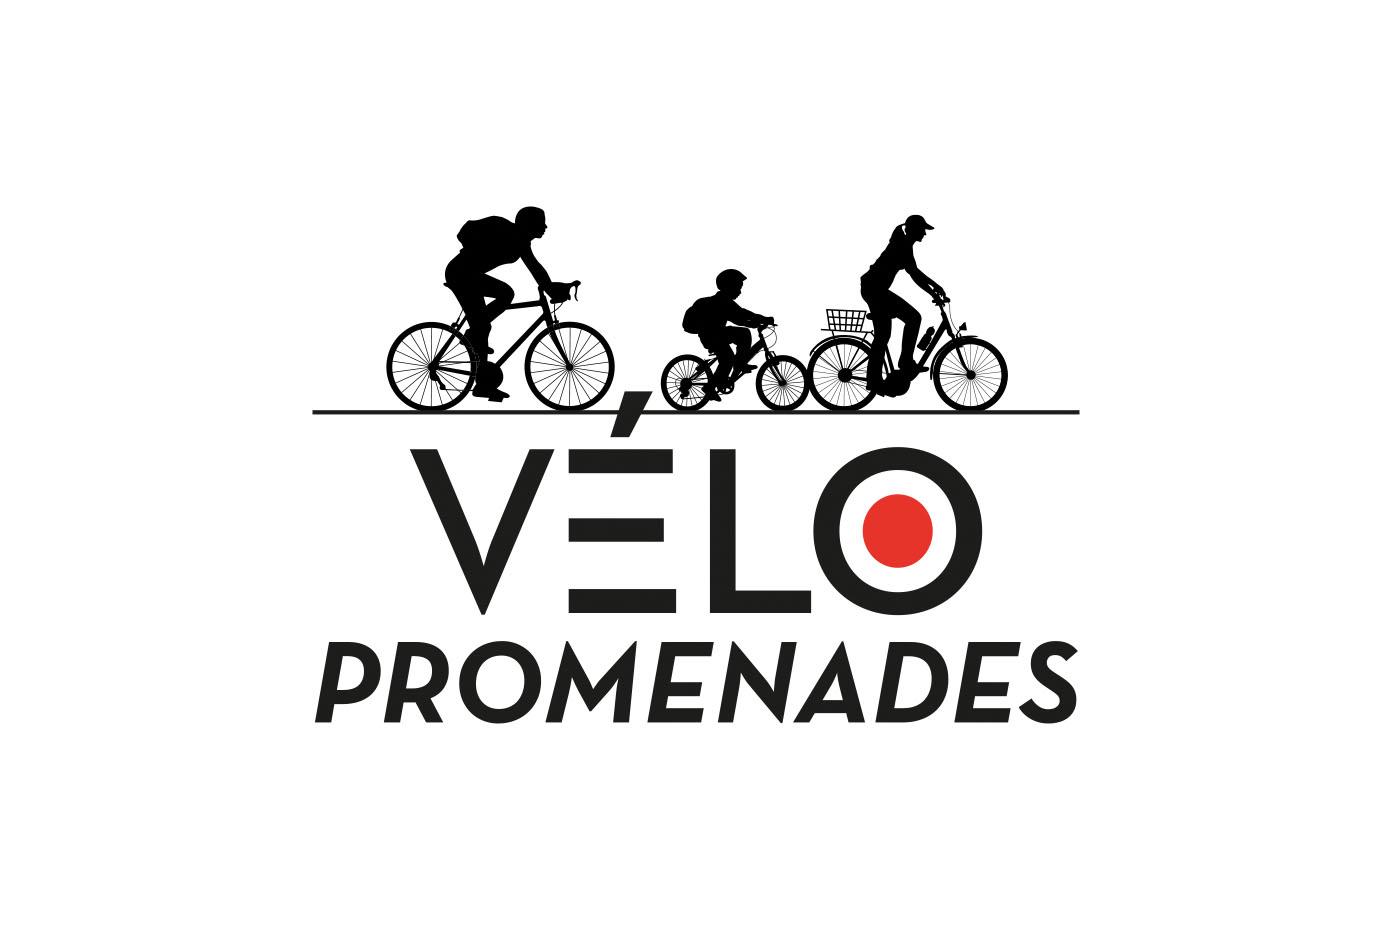 Logo Velo promenade